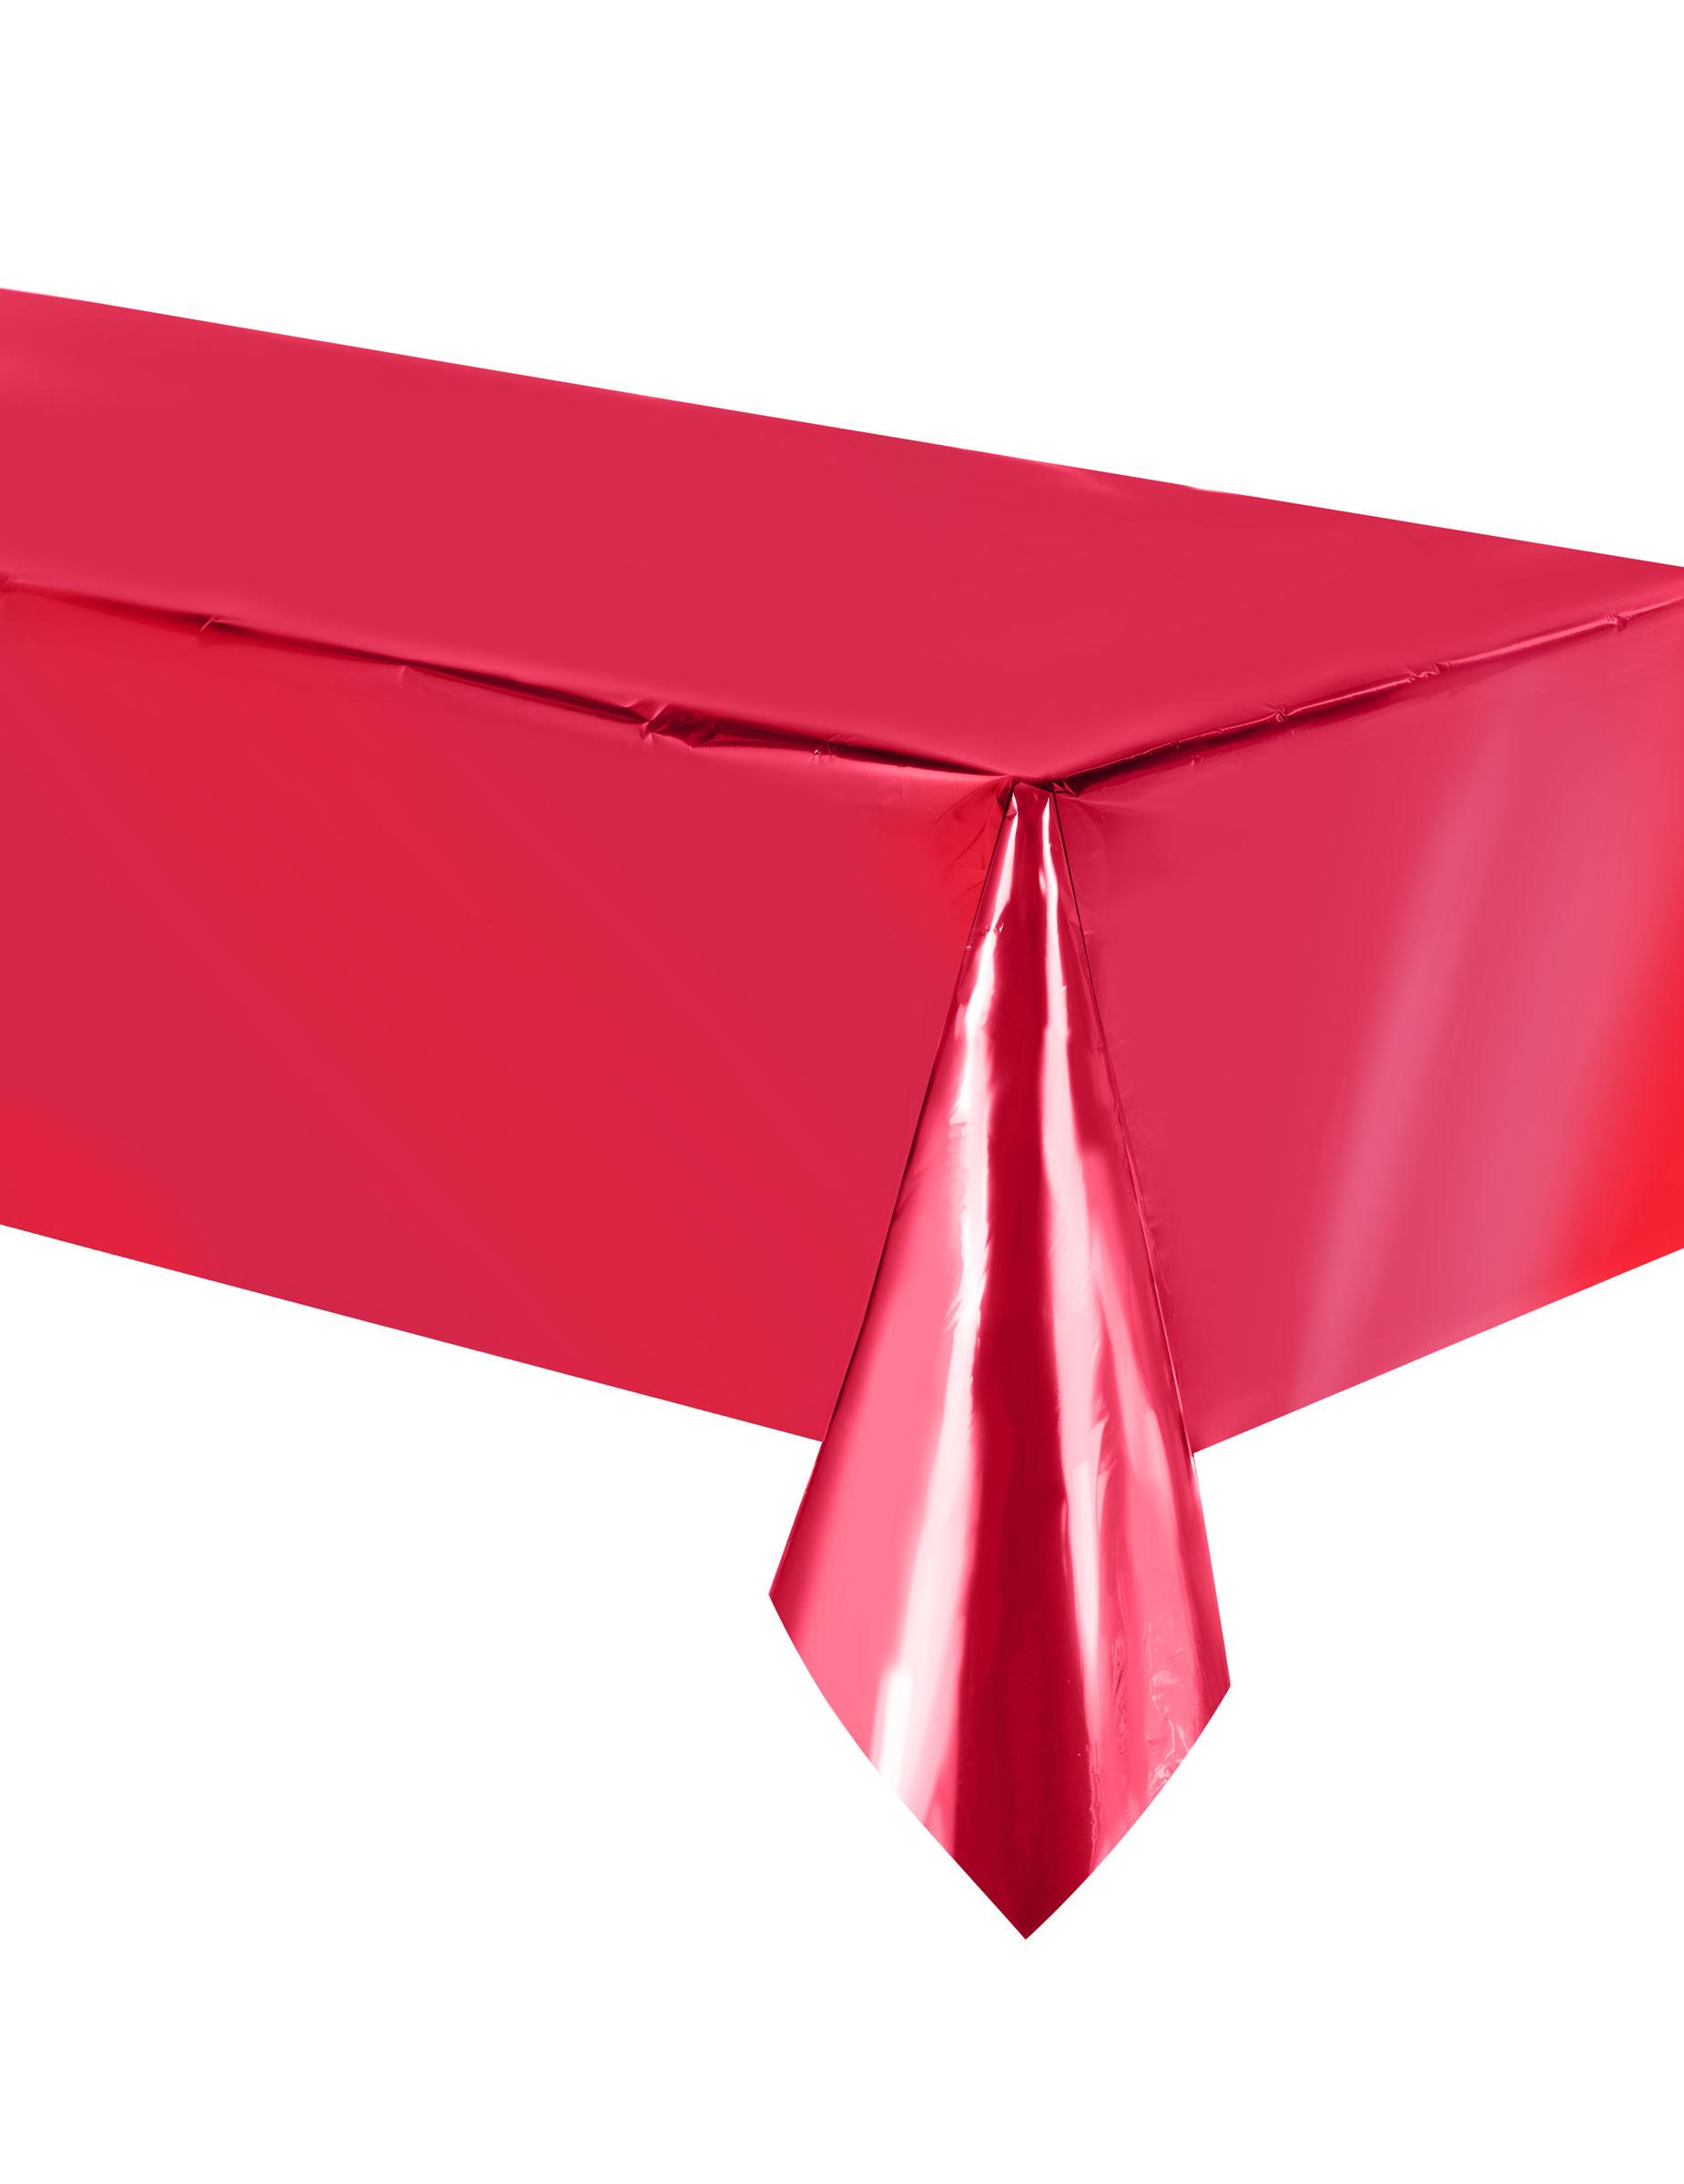 nappe en plastique rouge m tallis 137 x 274 cm d coration anniversaire et f tes th me sur. Black Bedroom Furniture Sets. Home Design Ideas